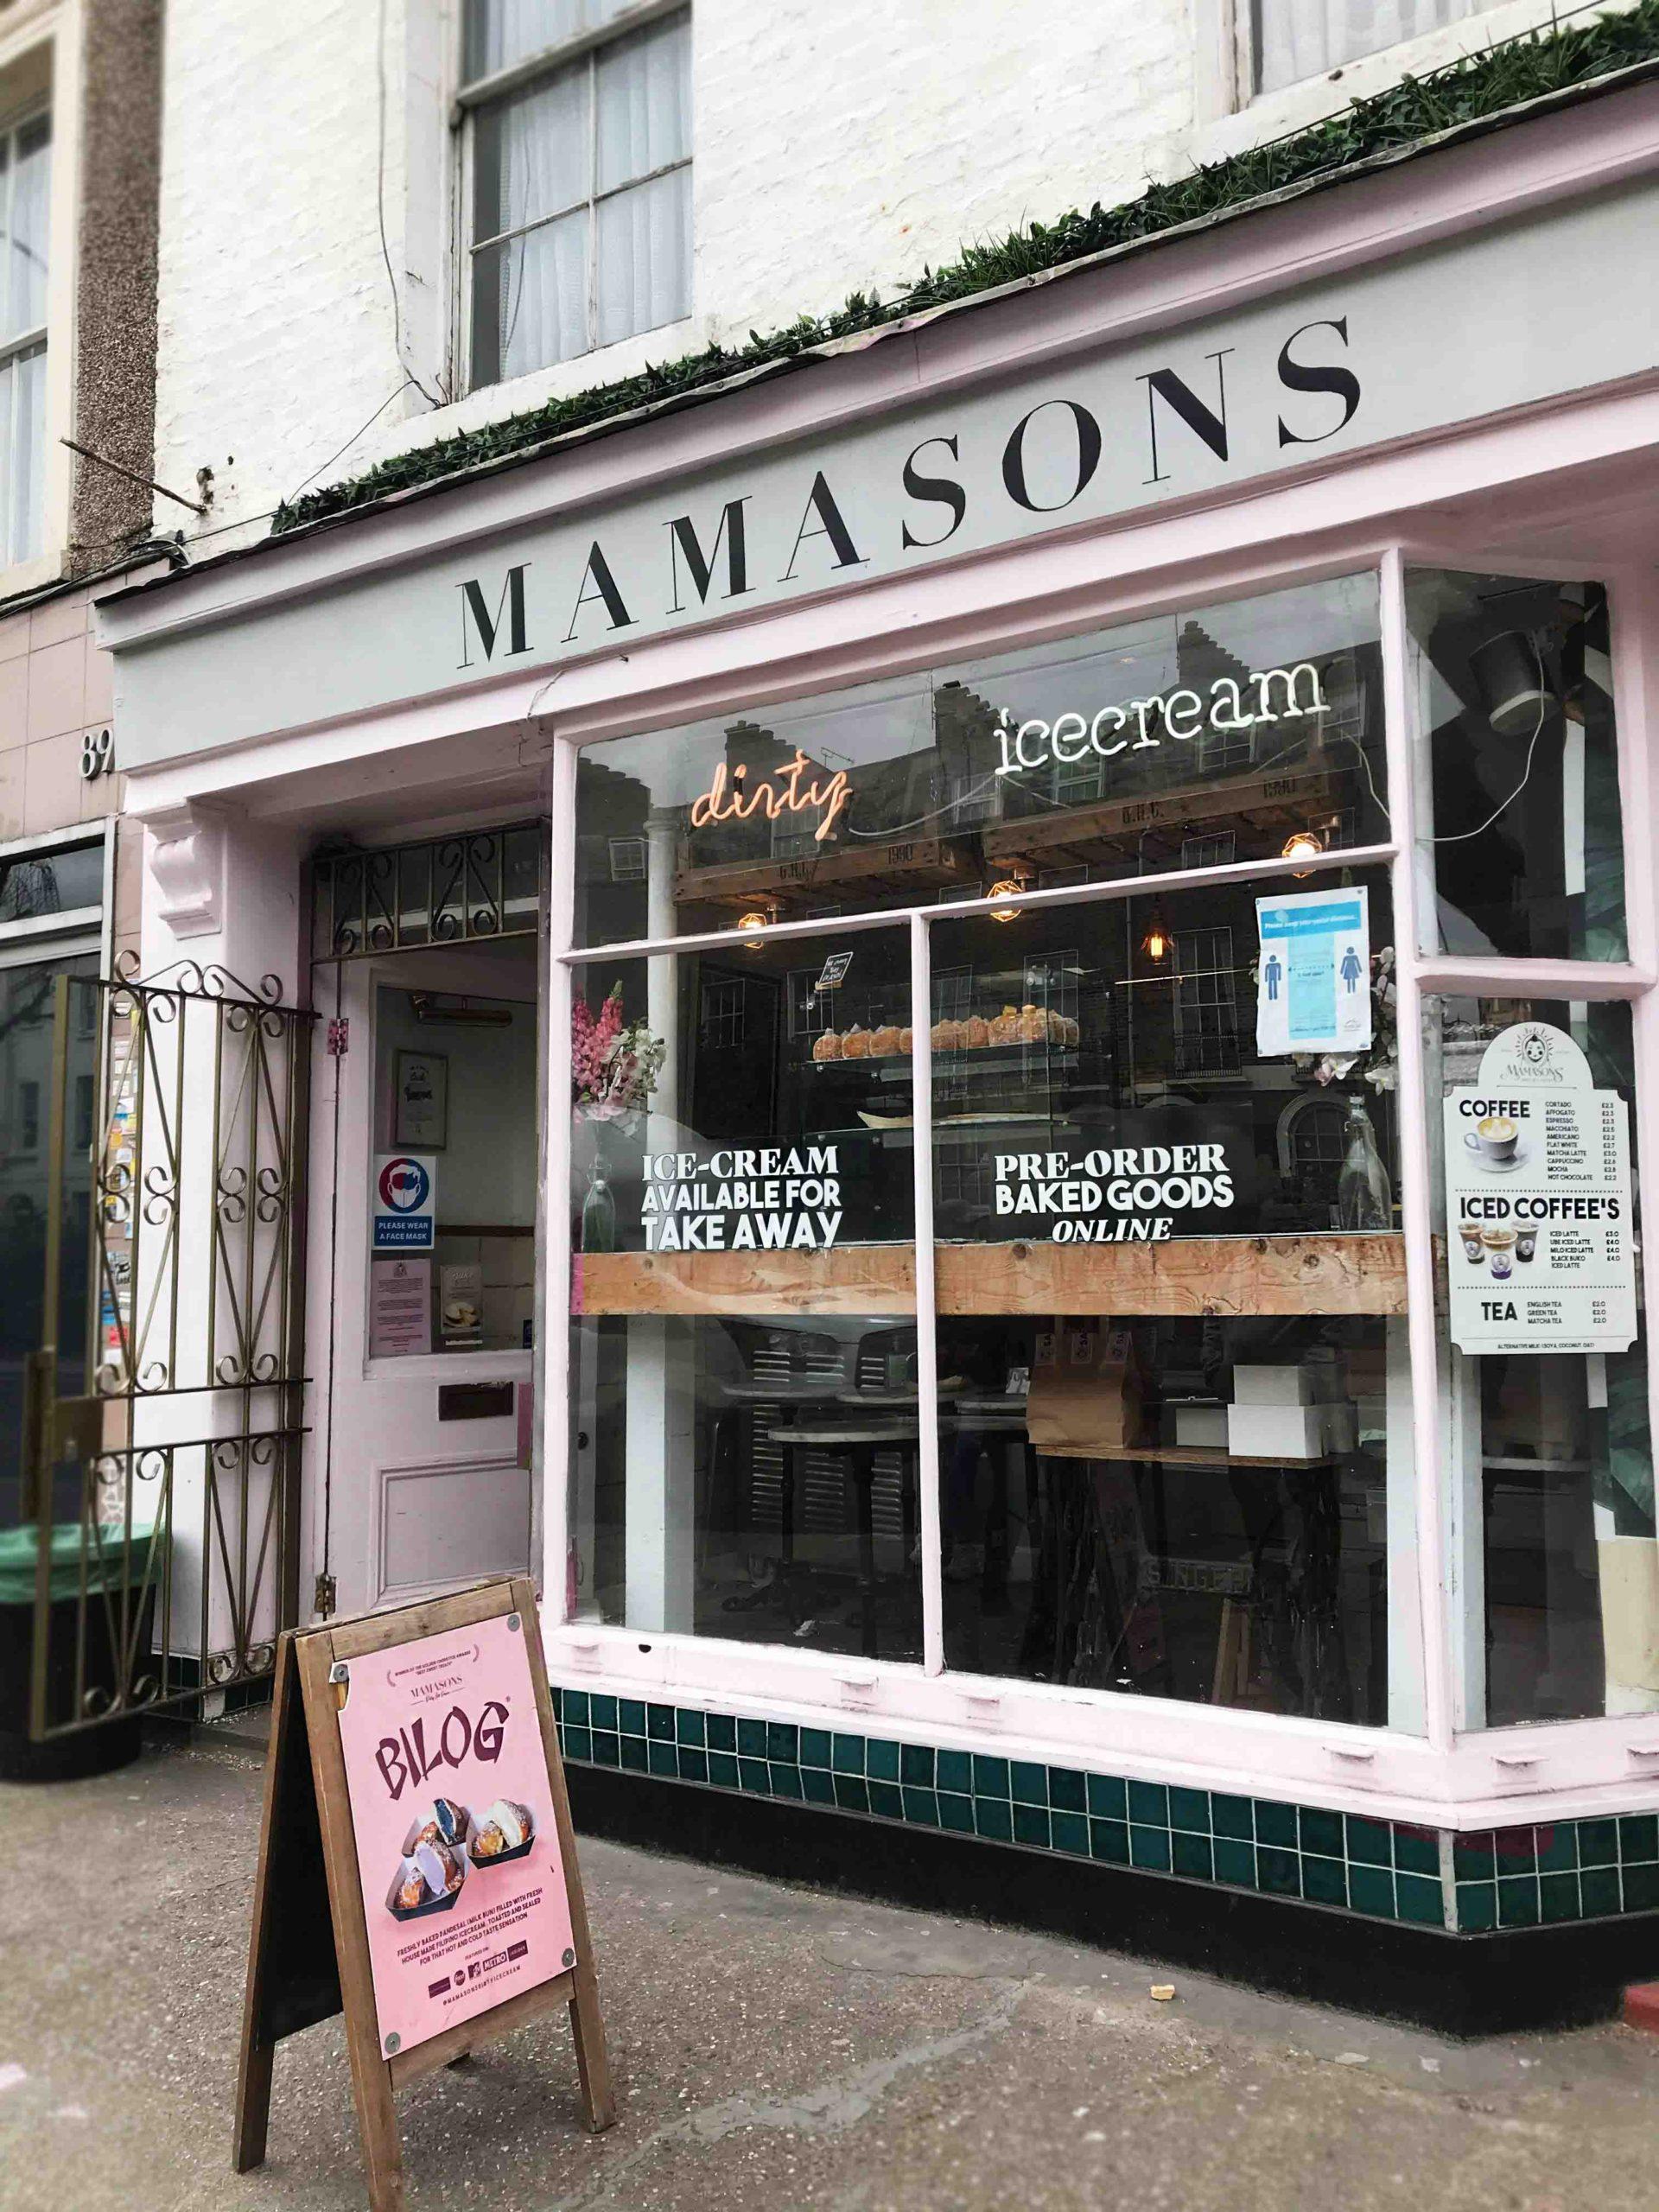 Rosana Eats Mamasons Shop